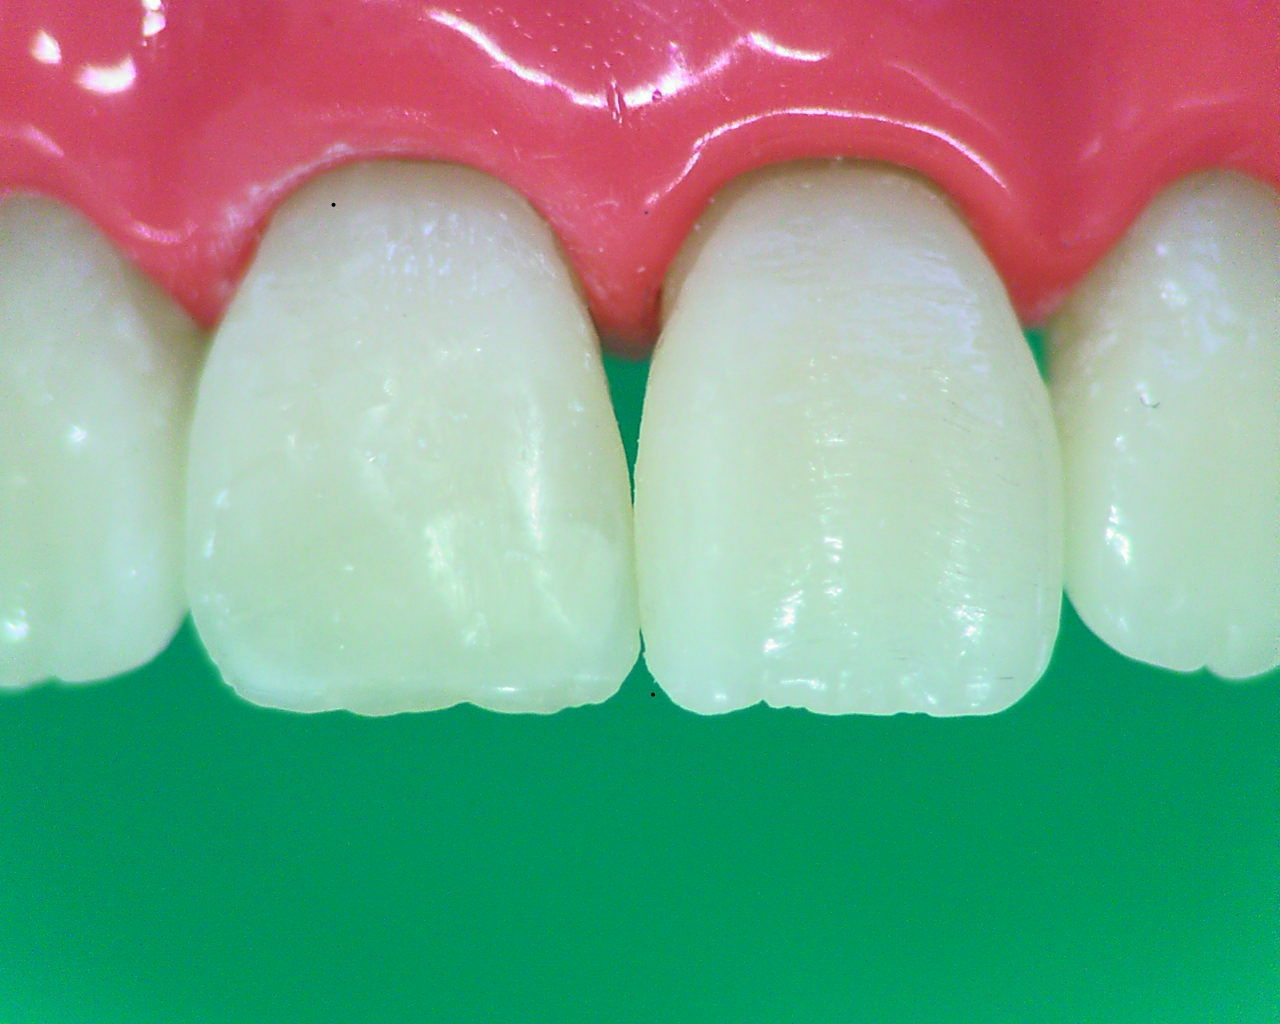 Рис. 23. Окончательный вид реставрации зуба 11.